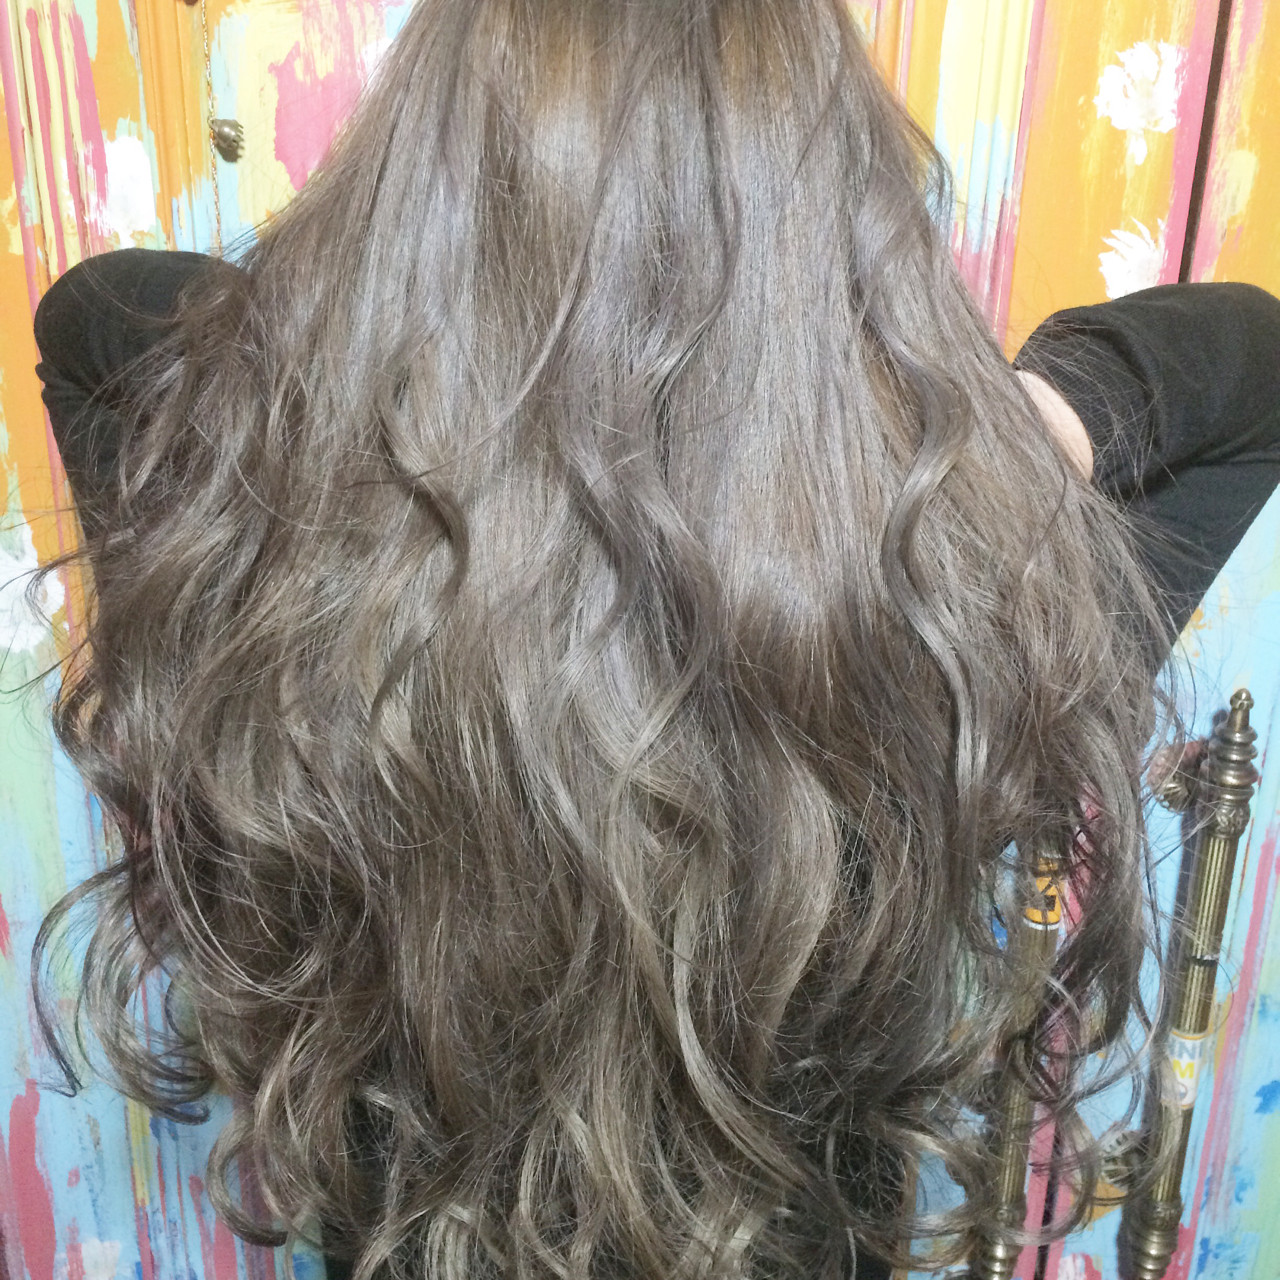 外国人風 ガーリー グラデーションカラー アッシュ ヘアスタイルや髪型の写真・画像 | tatsuzo / AWAY123125